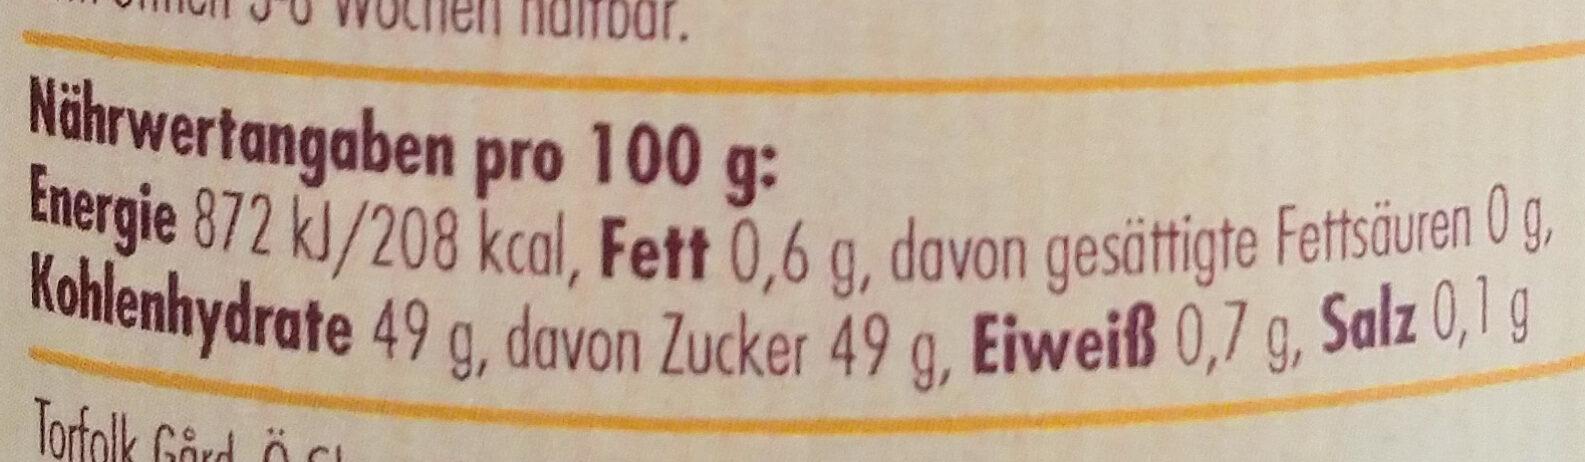 Schwarze Johannisbeer-Konfitüre - Voedingswaarden - de